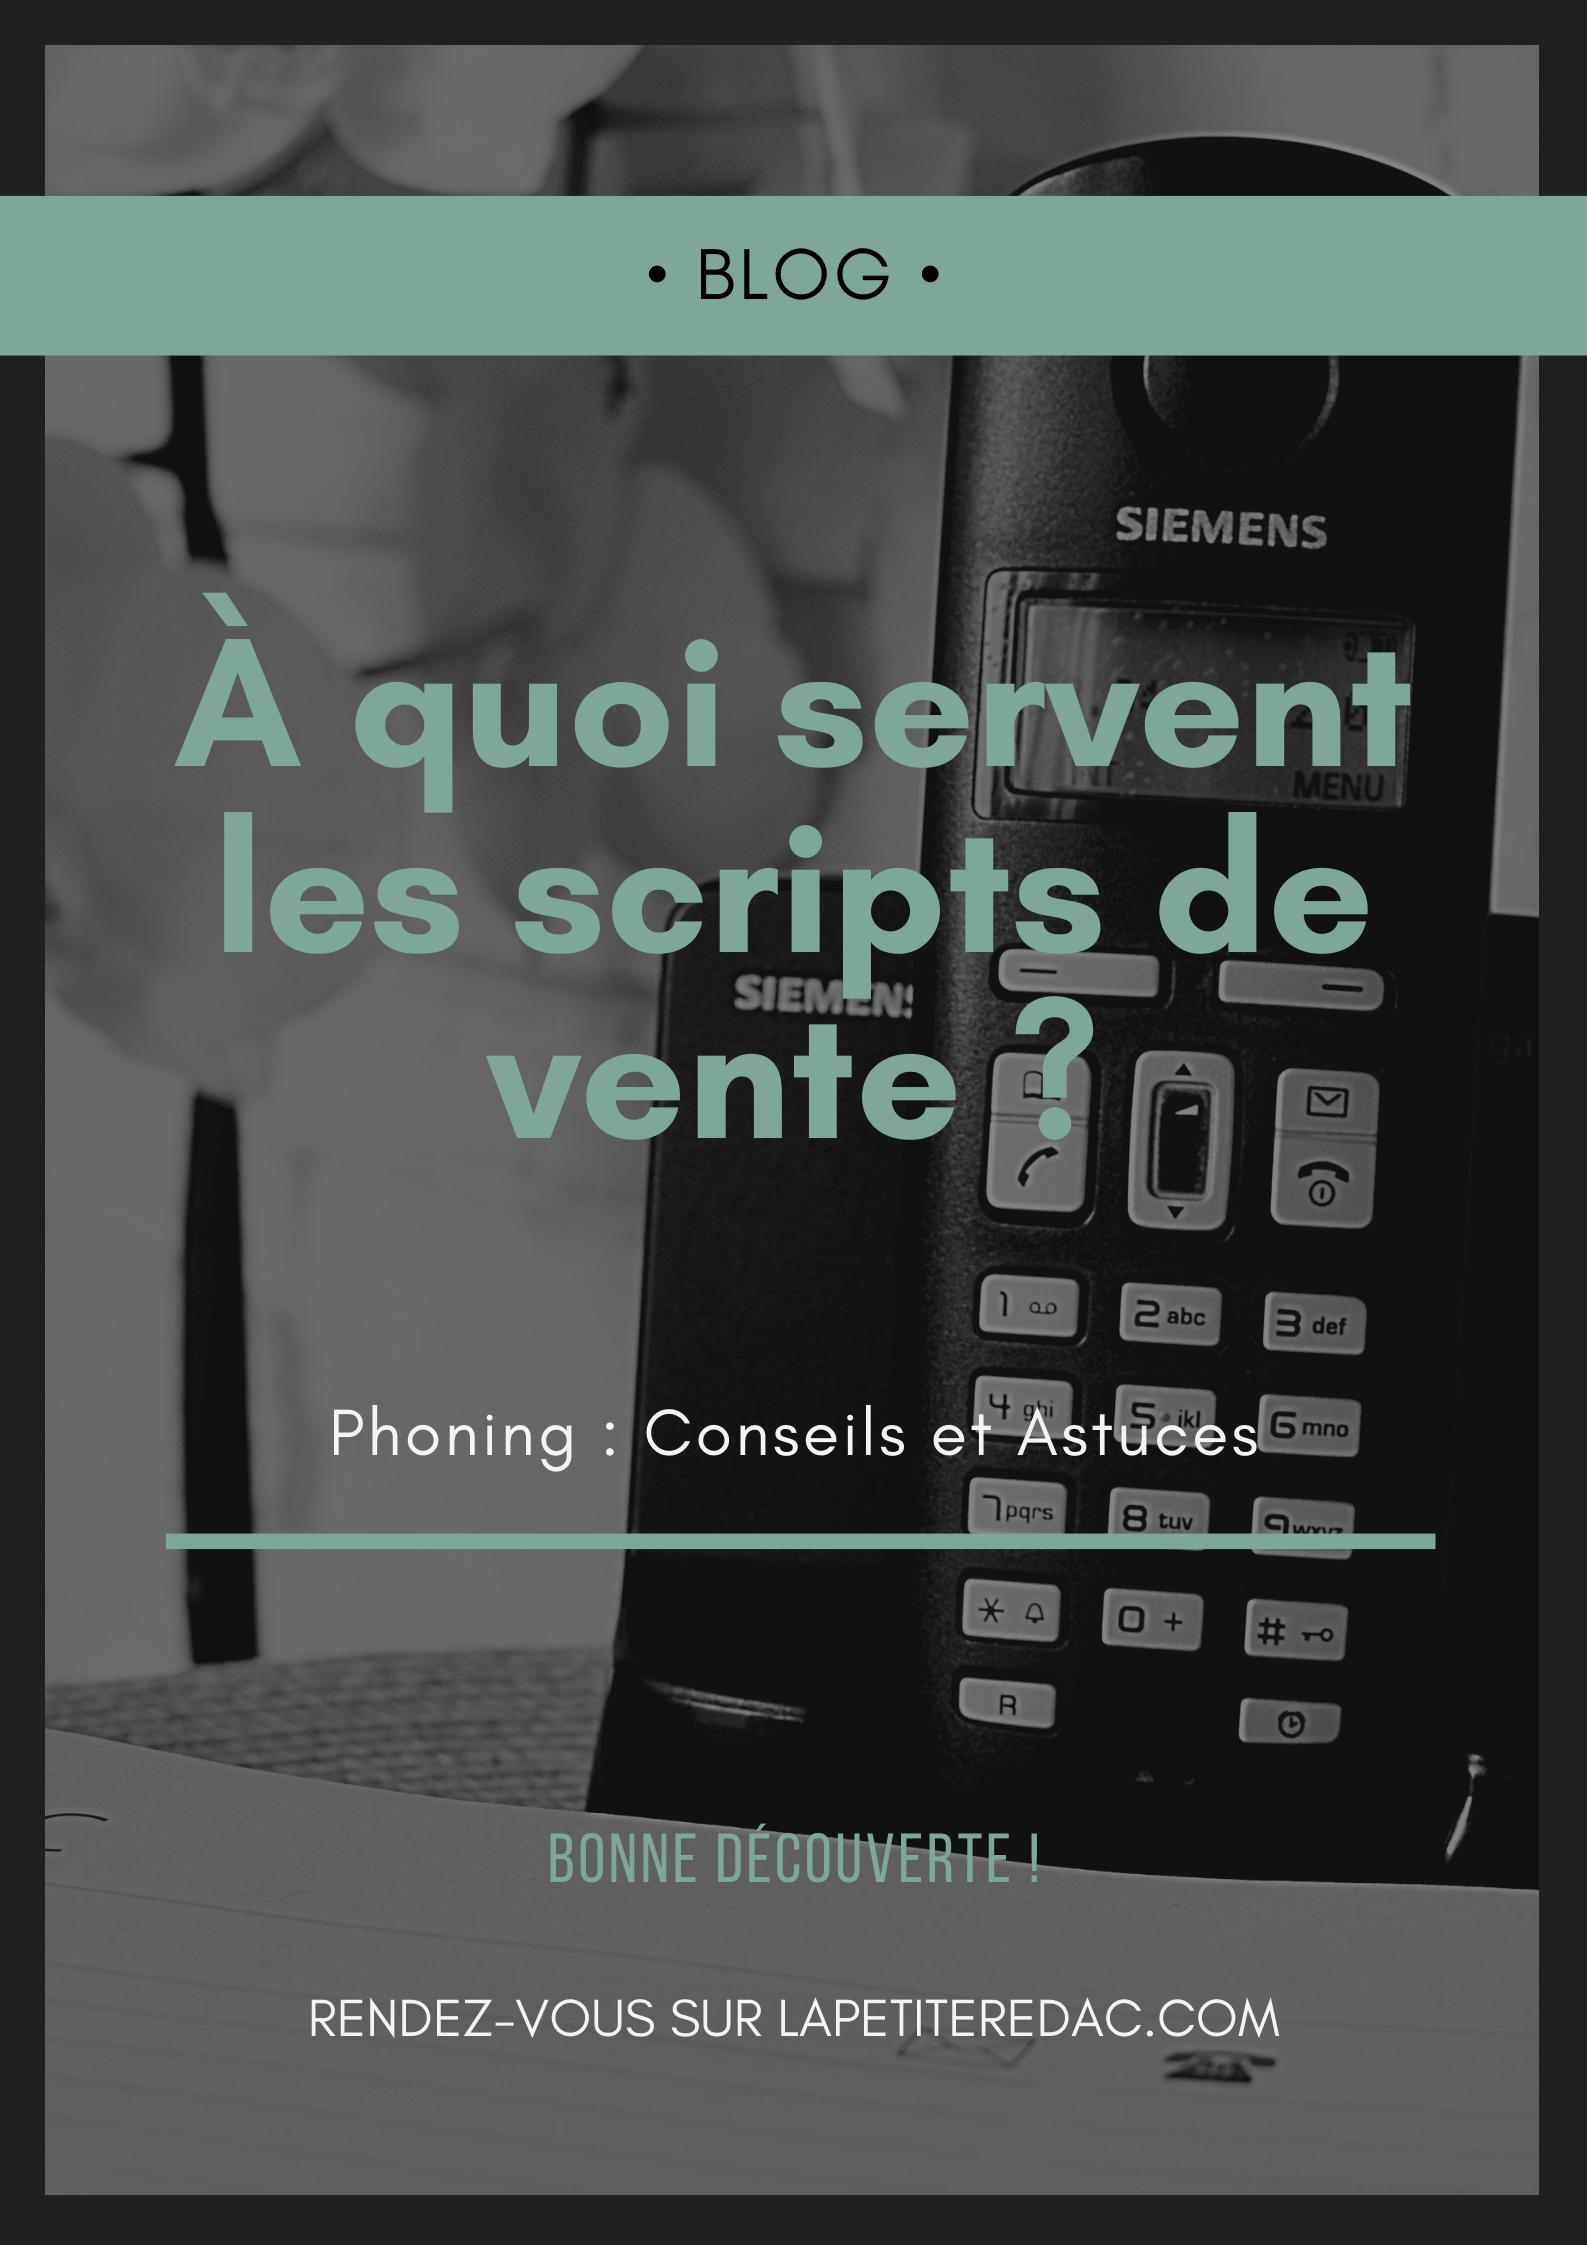 Astuce Phoning Comment Faire Un Script De Vente Phrase D Accroche Estime De Soi Sms Marketing